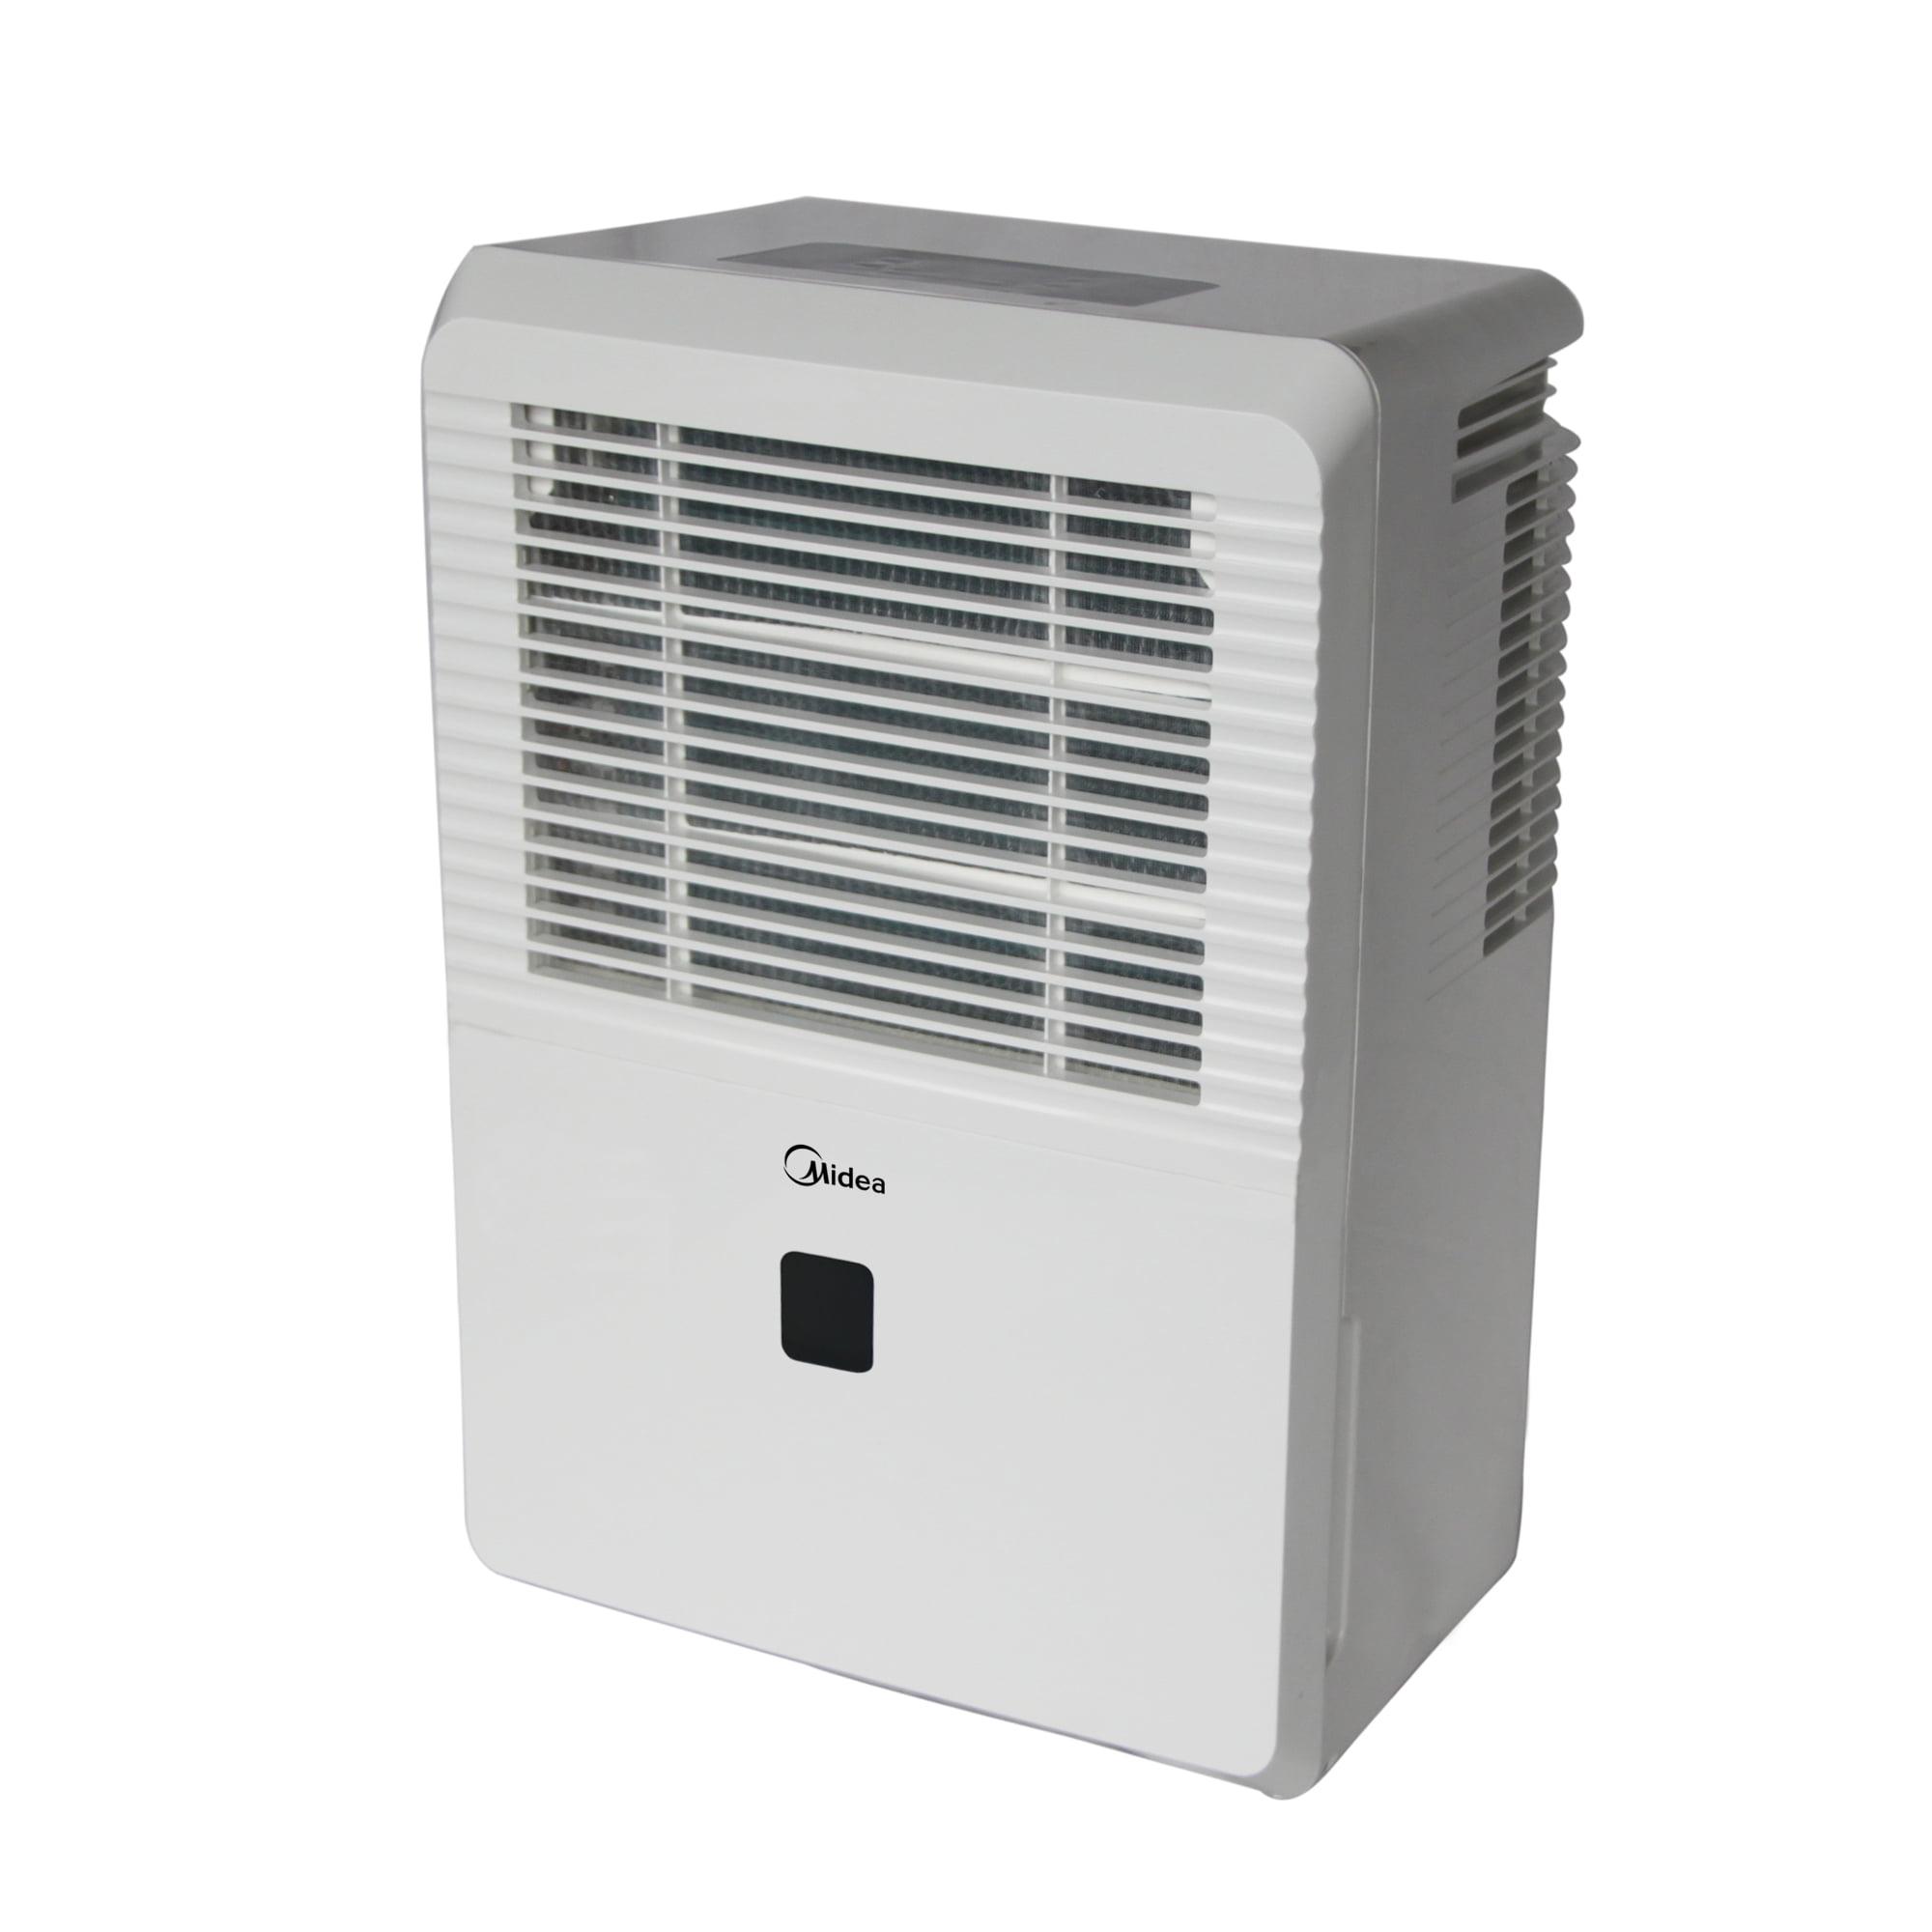 Midea 50-Pint Energy Star Dehumidifier, White, WDK50AE7N